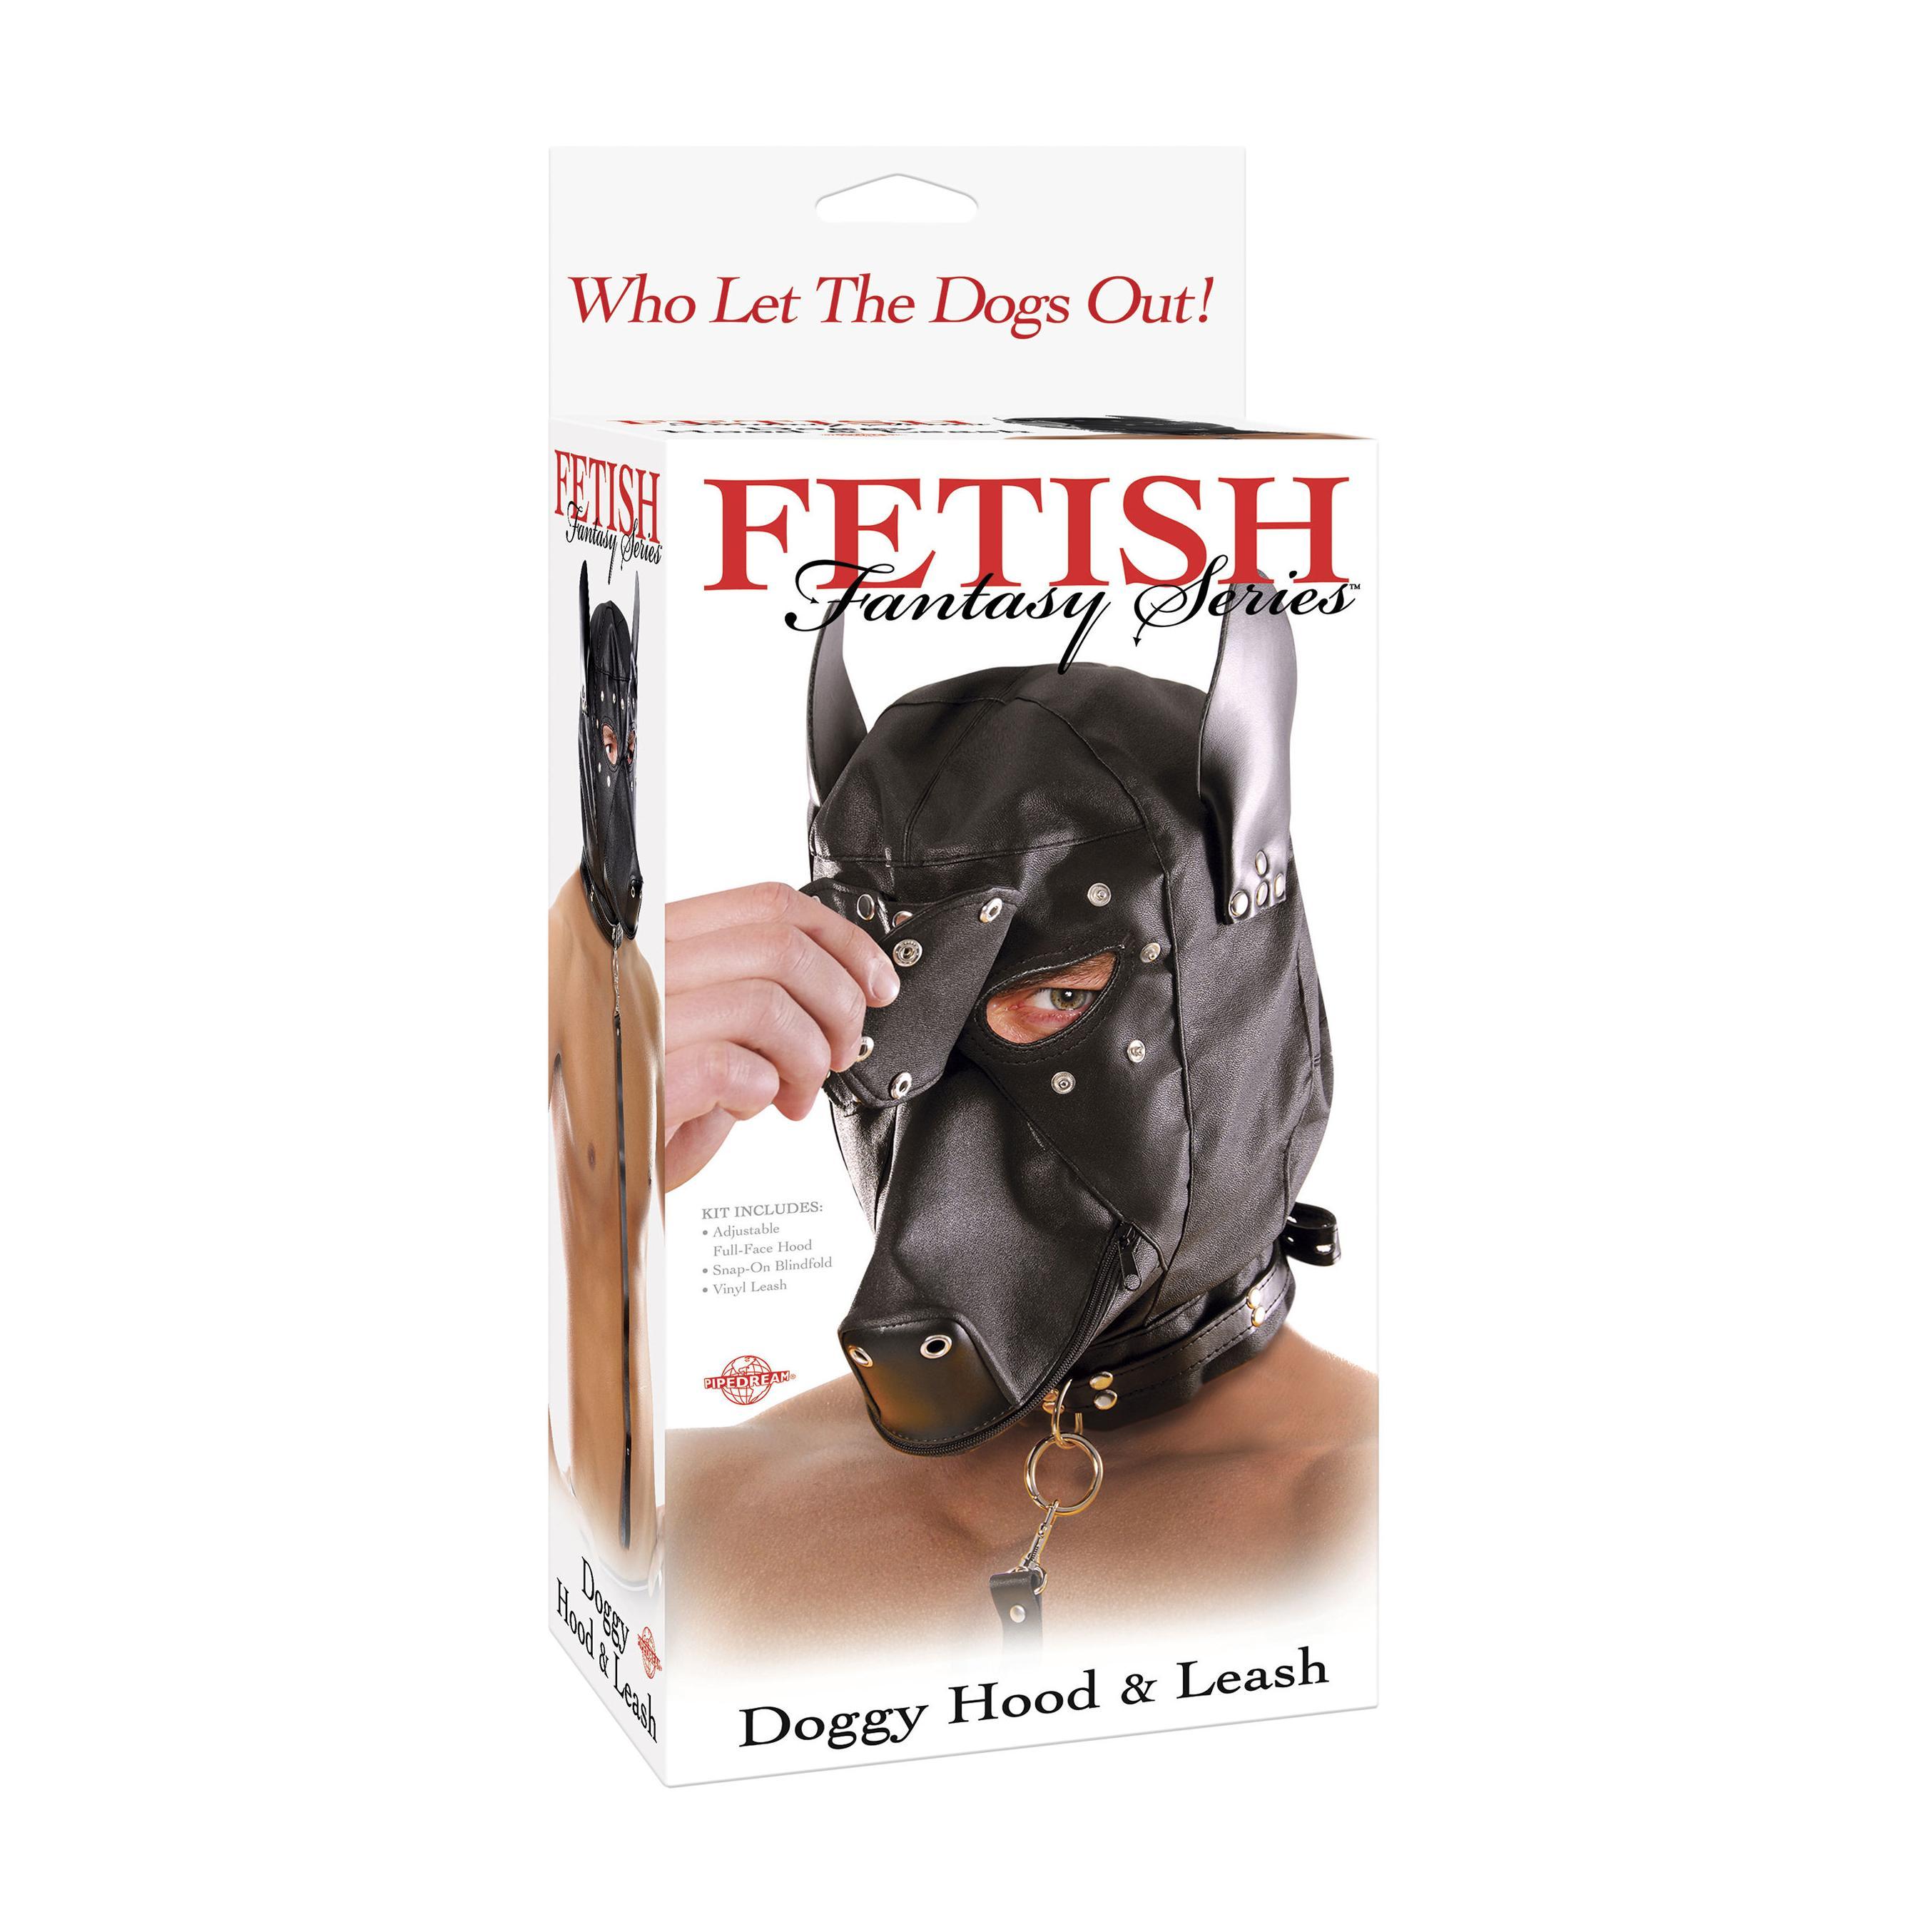 Máscara fetish fantasy extreme de perro con collar cuero negro